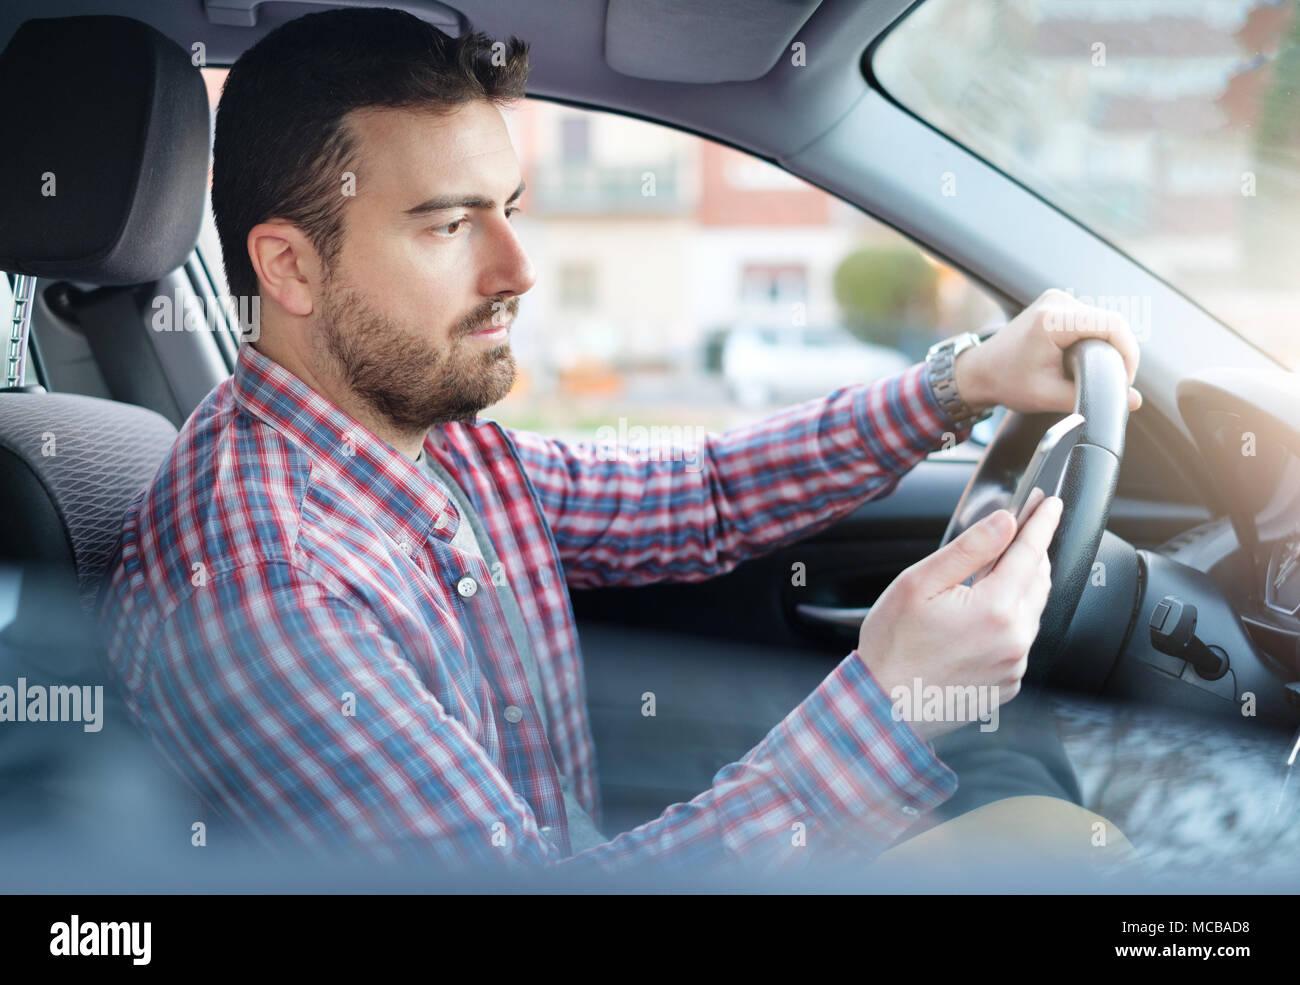 Distratti guy controllando il suo smart phone non si presta attenzione alla strada Immagini Stock